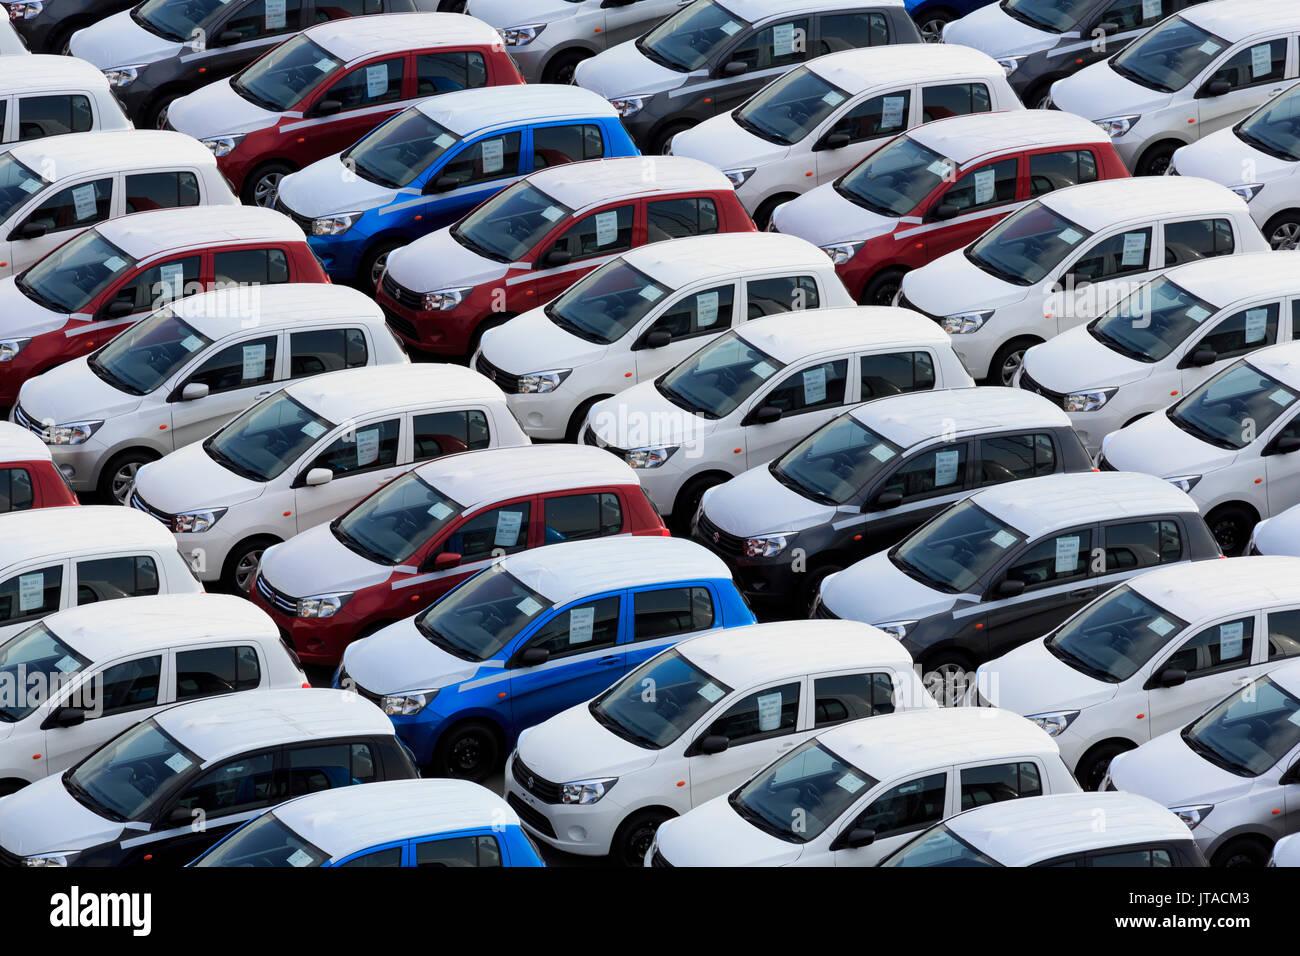 New cars, Port of Zeebrugge, Blankenberge, Flanders, Belgium, Europe - Stock Image